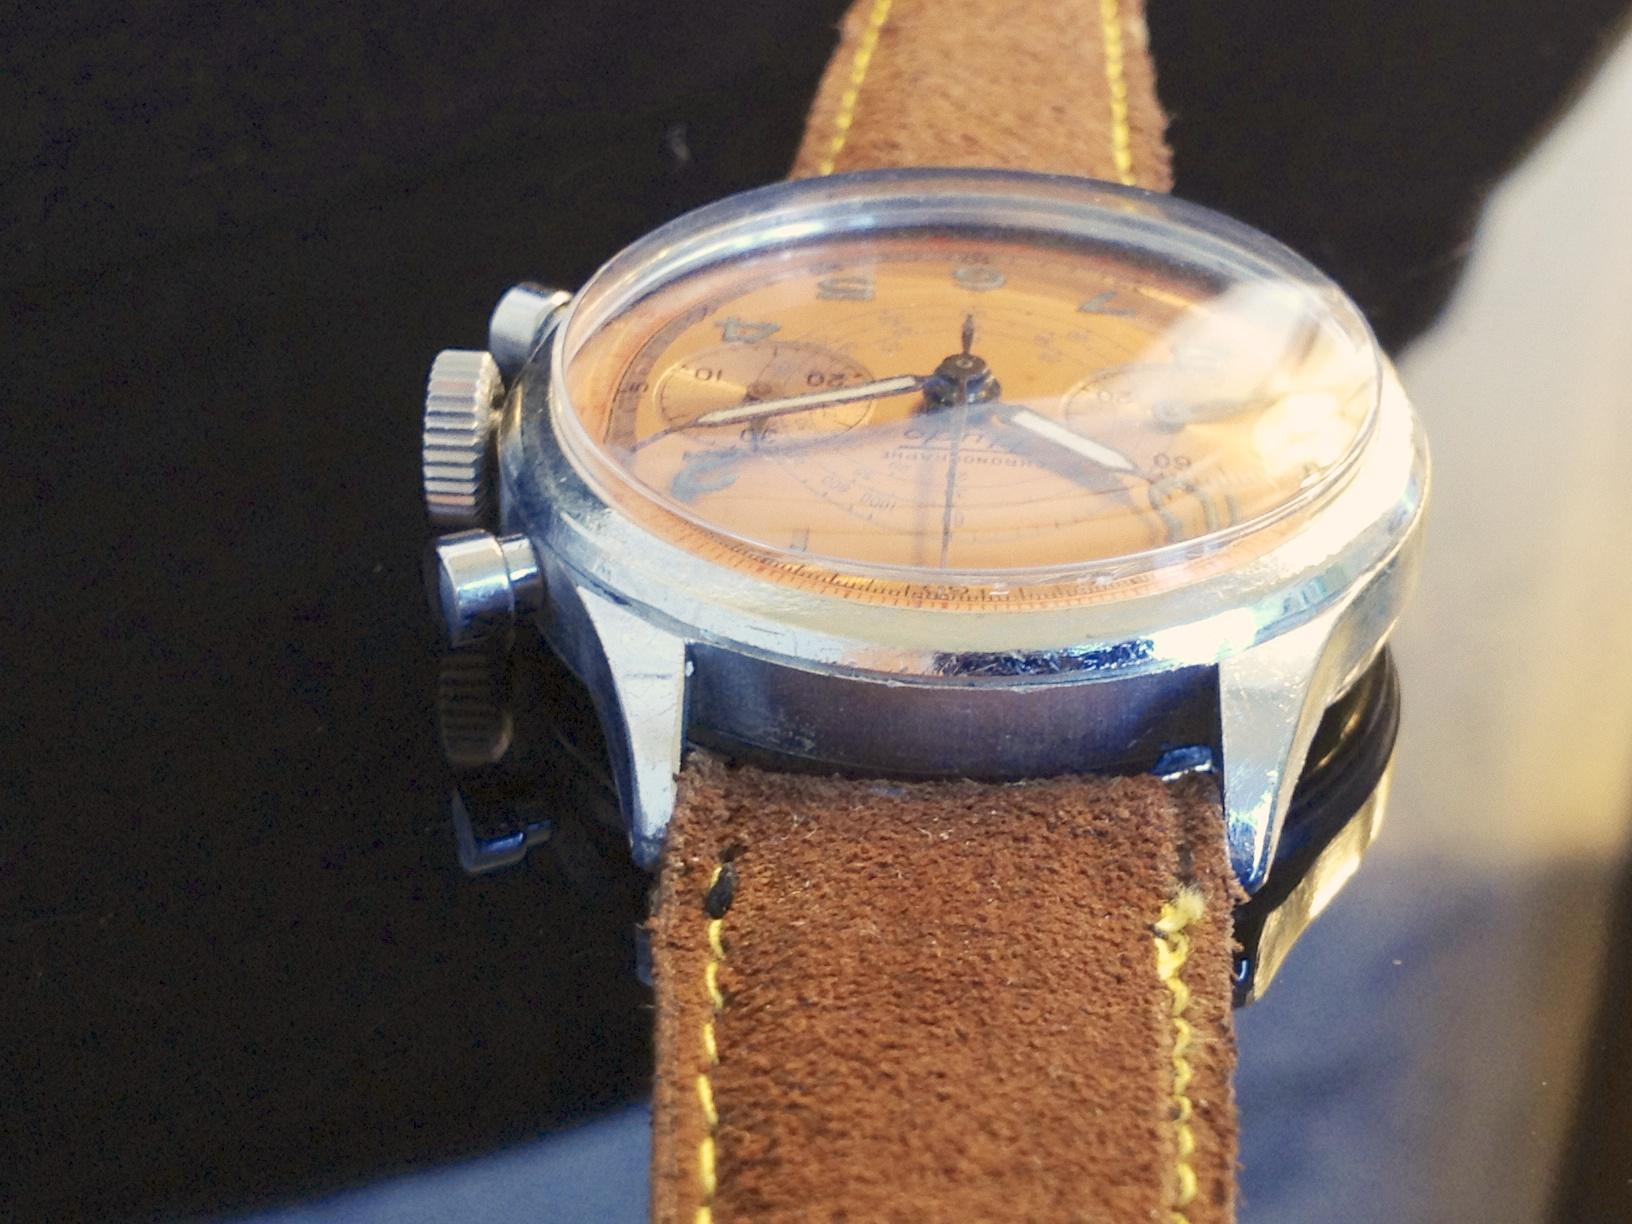 Fludo Venus Chronograph 195